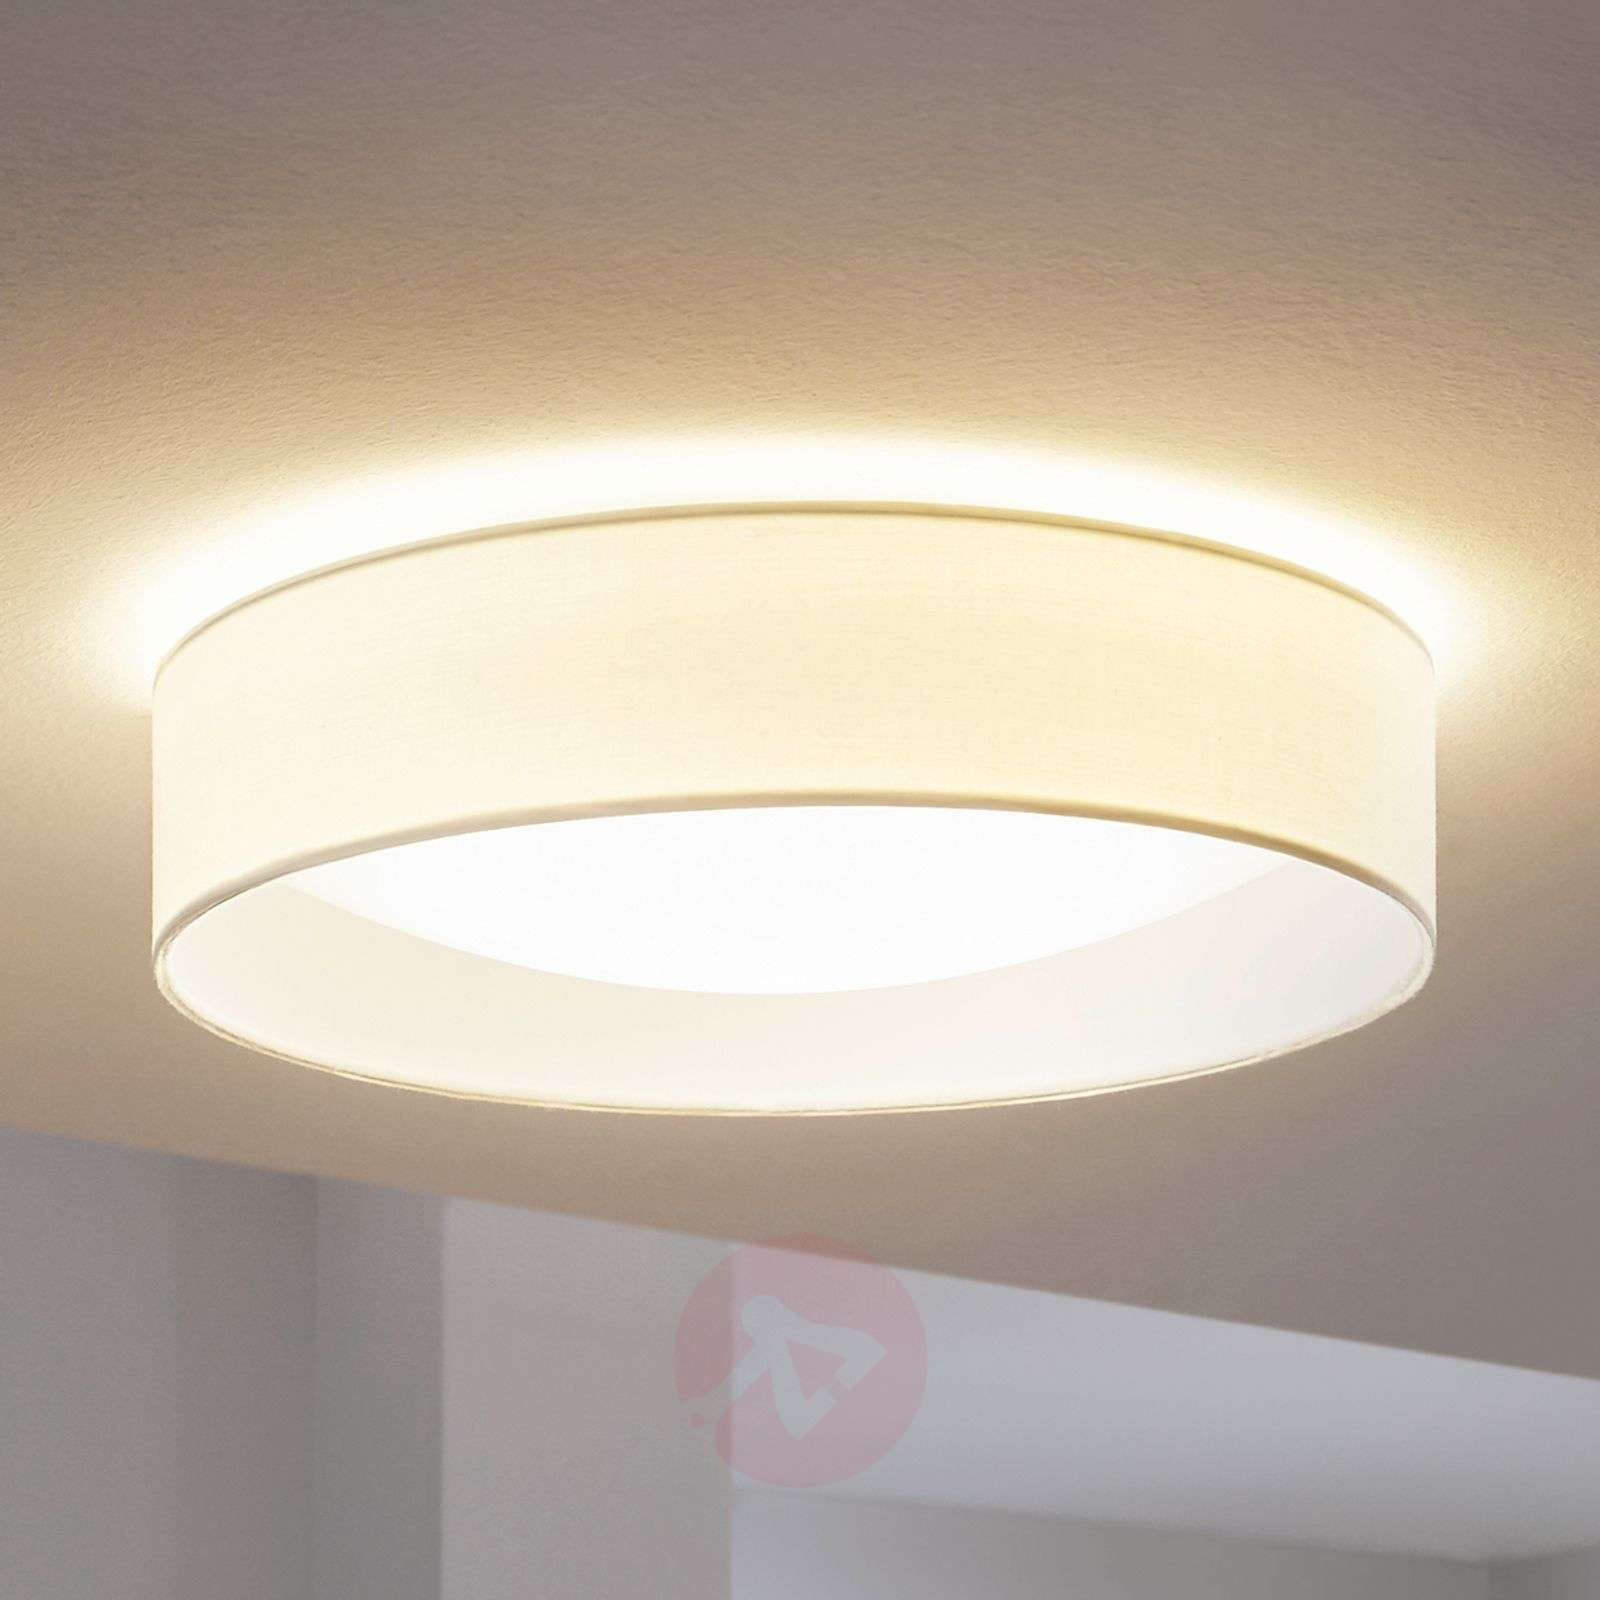 Halkaisija 32 cm LED-kattovalaisin Palomaro-3031610-01